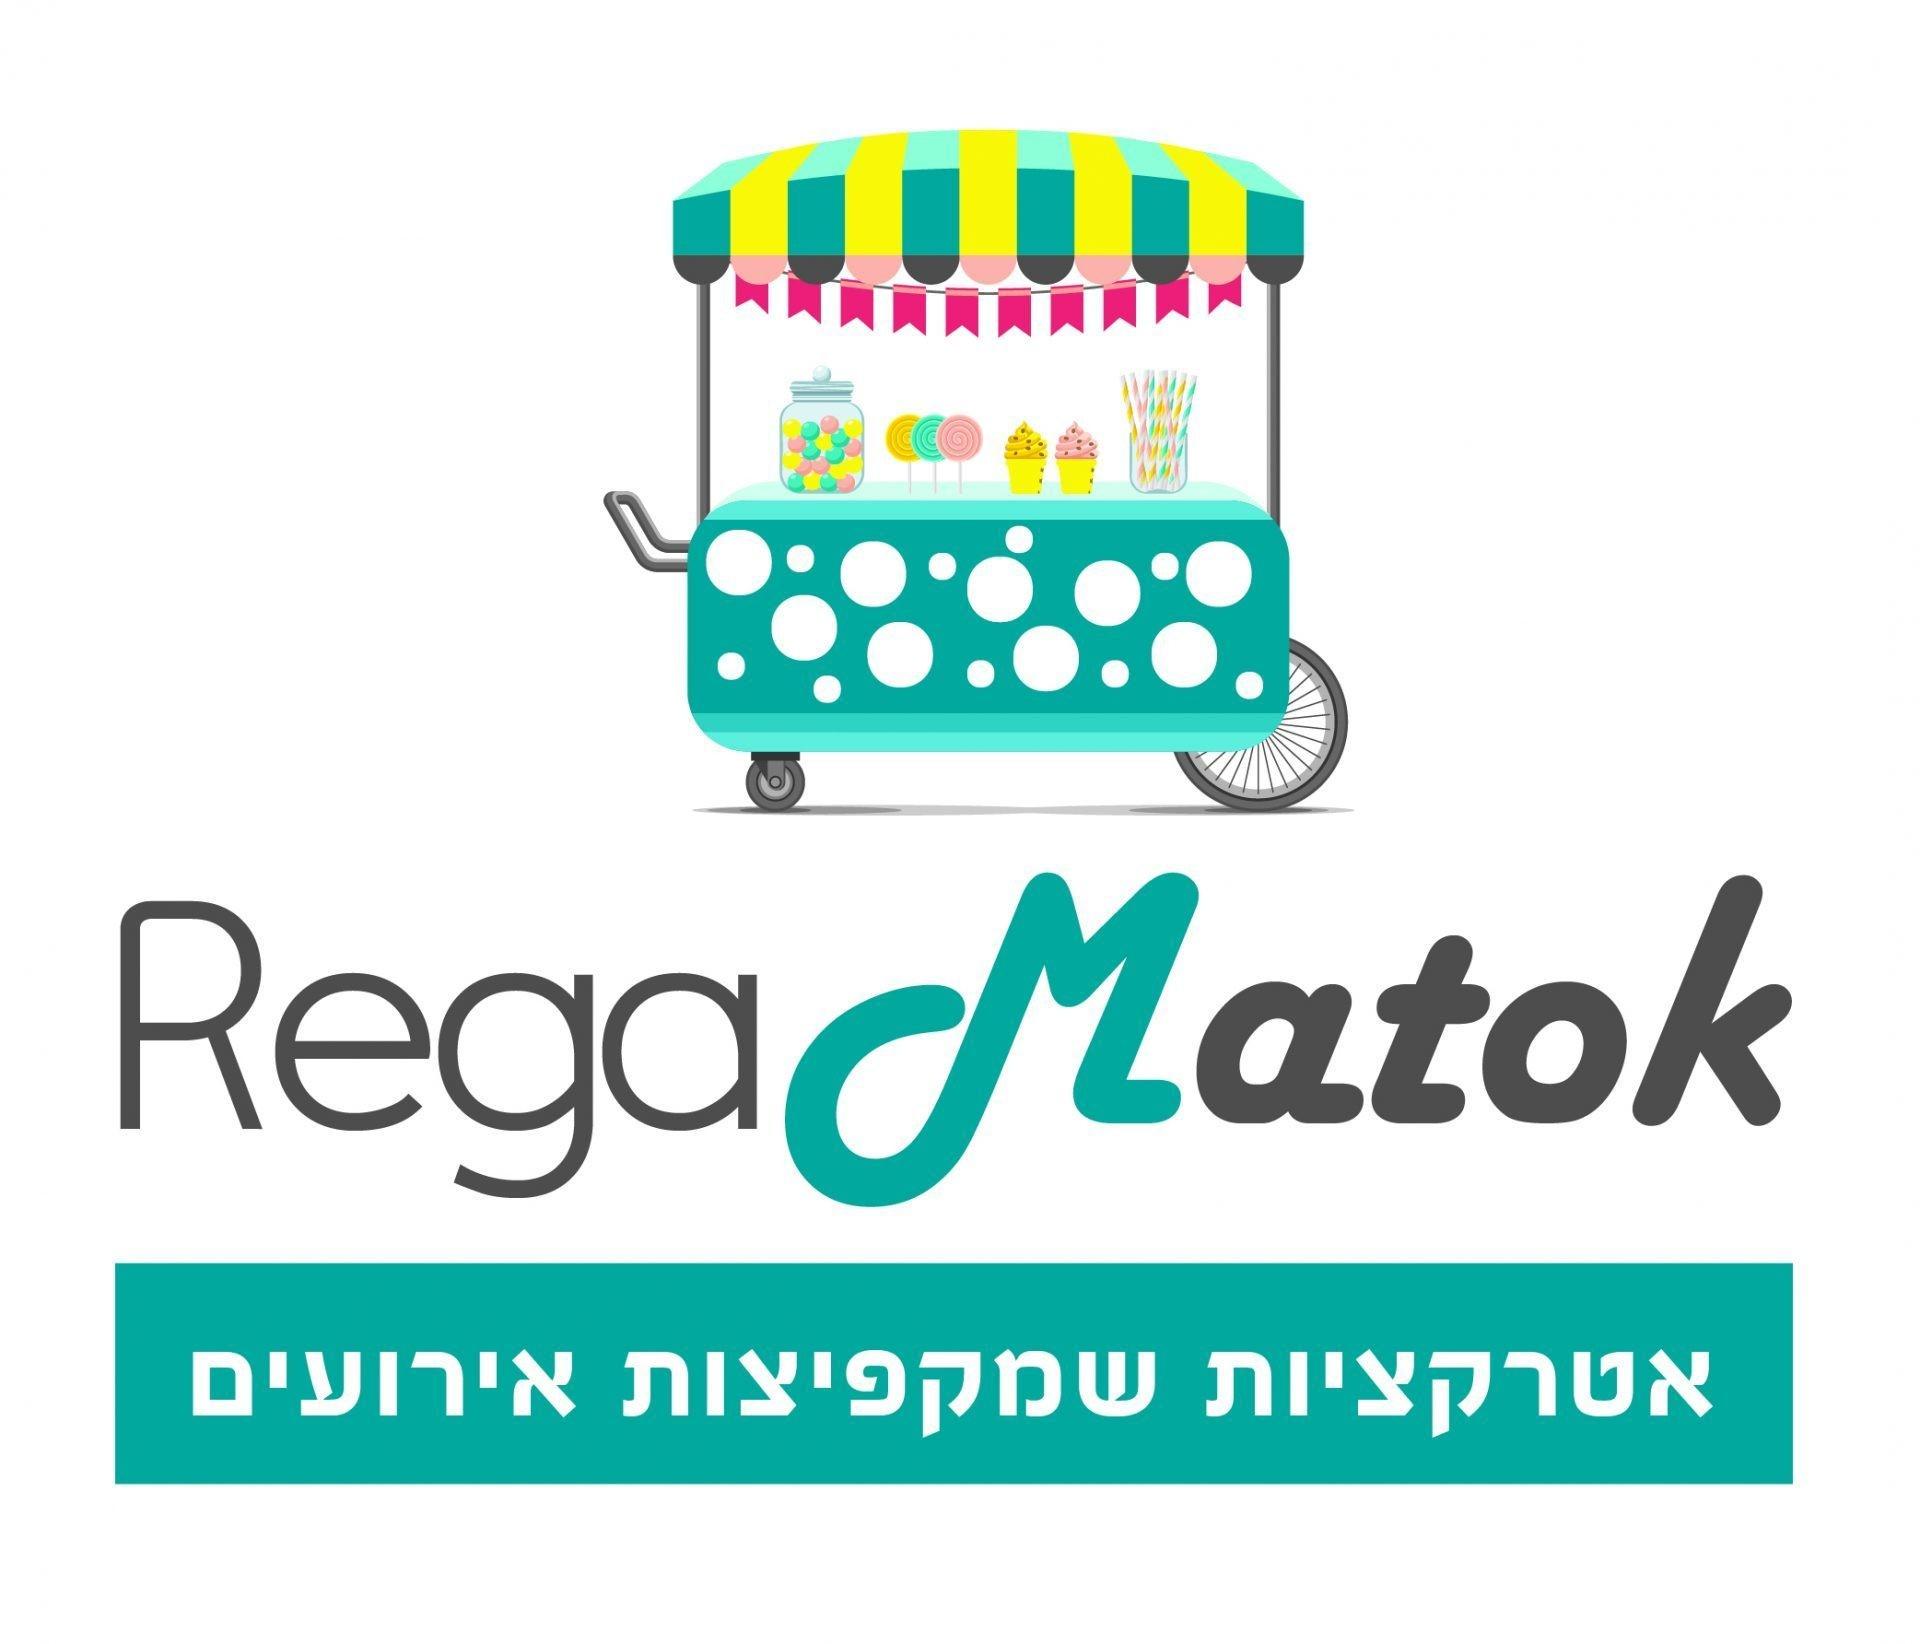 רגע מתוק – החנות האינטרנטית שלך לרכישת מכונת מזון וציוד נלווה, הפעלת והשכרת דוכני מזון לאירועים